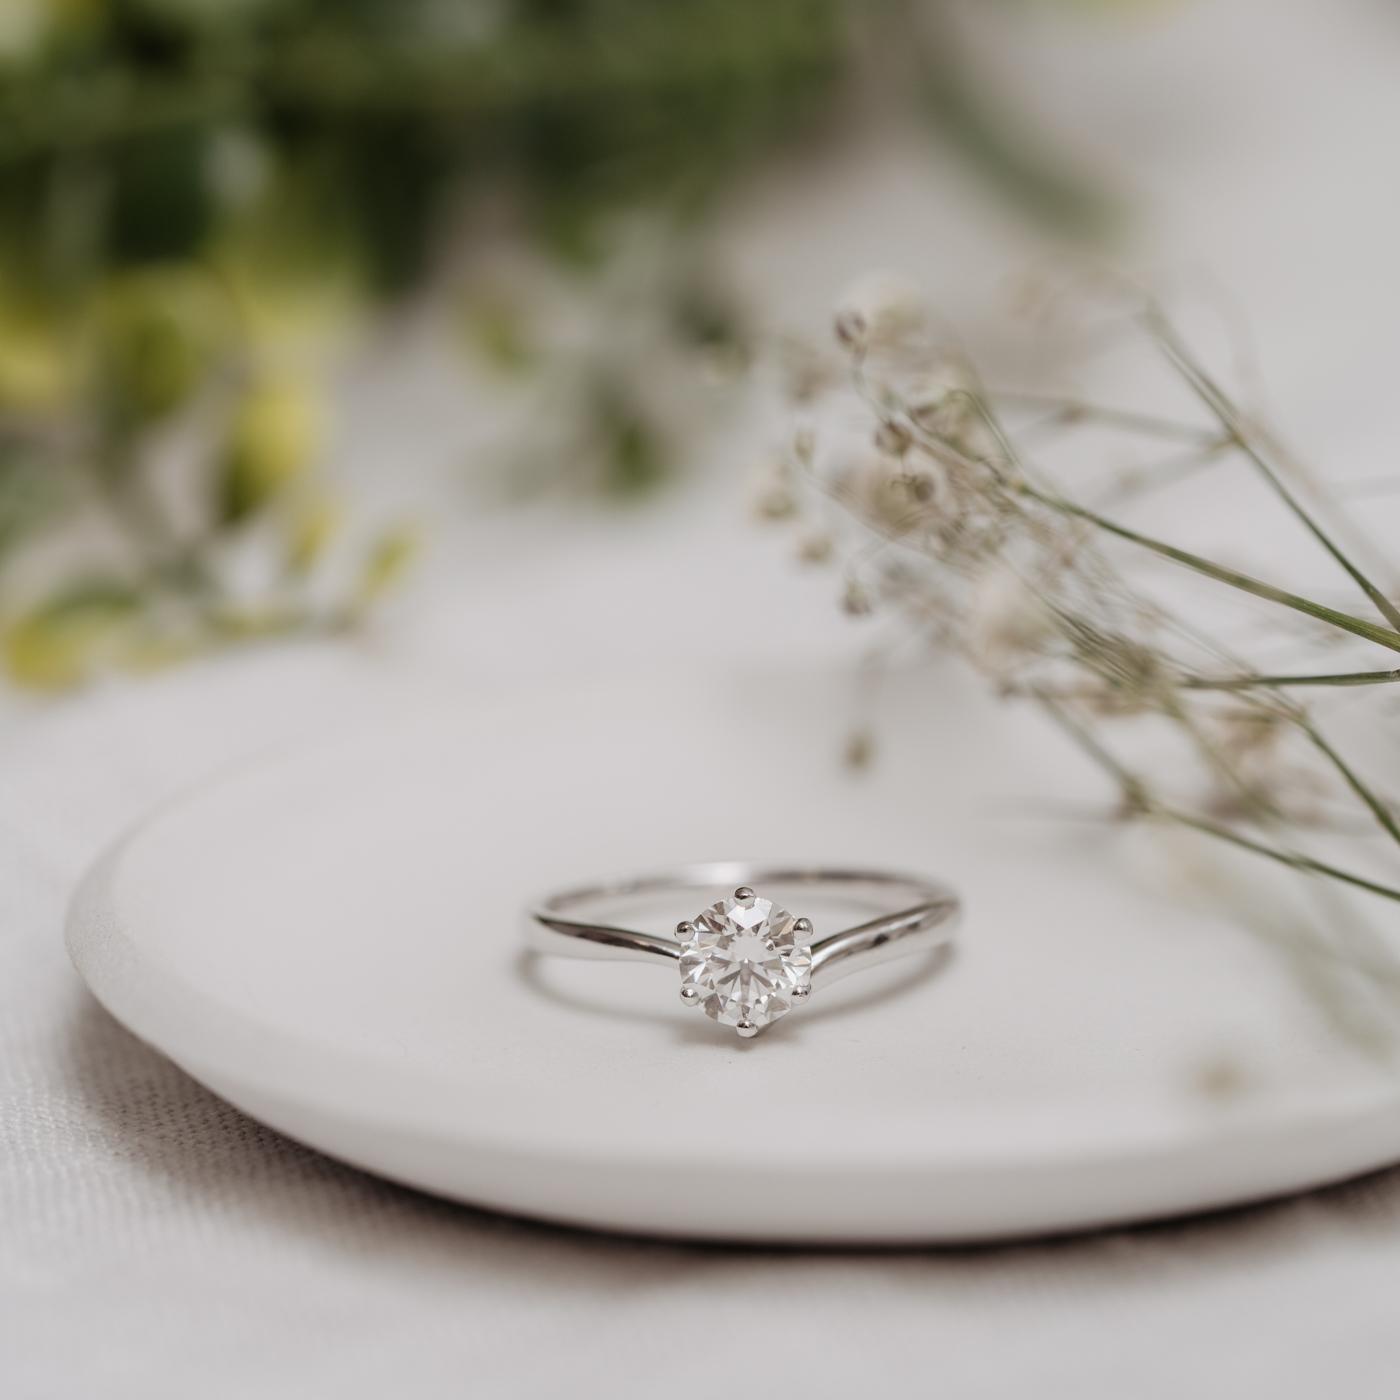 Sustainable Solitaire Engagement Ring | Akilina | Ethica Diamonds UK